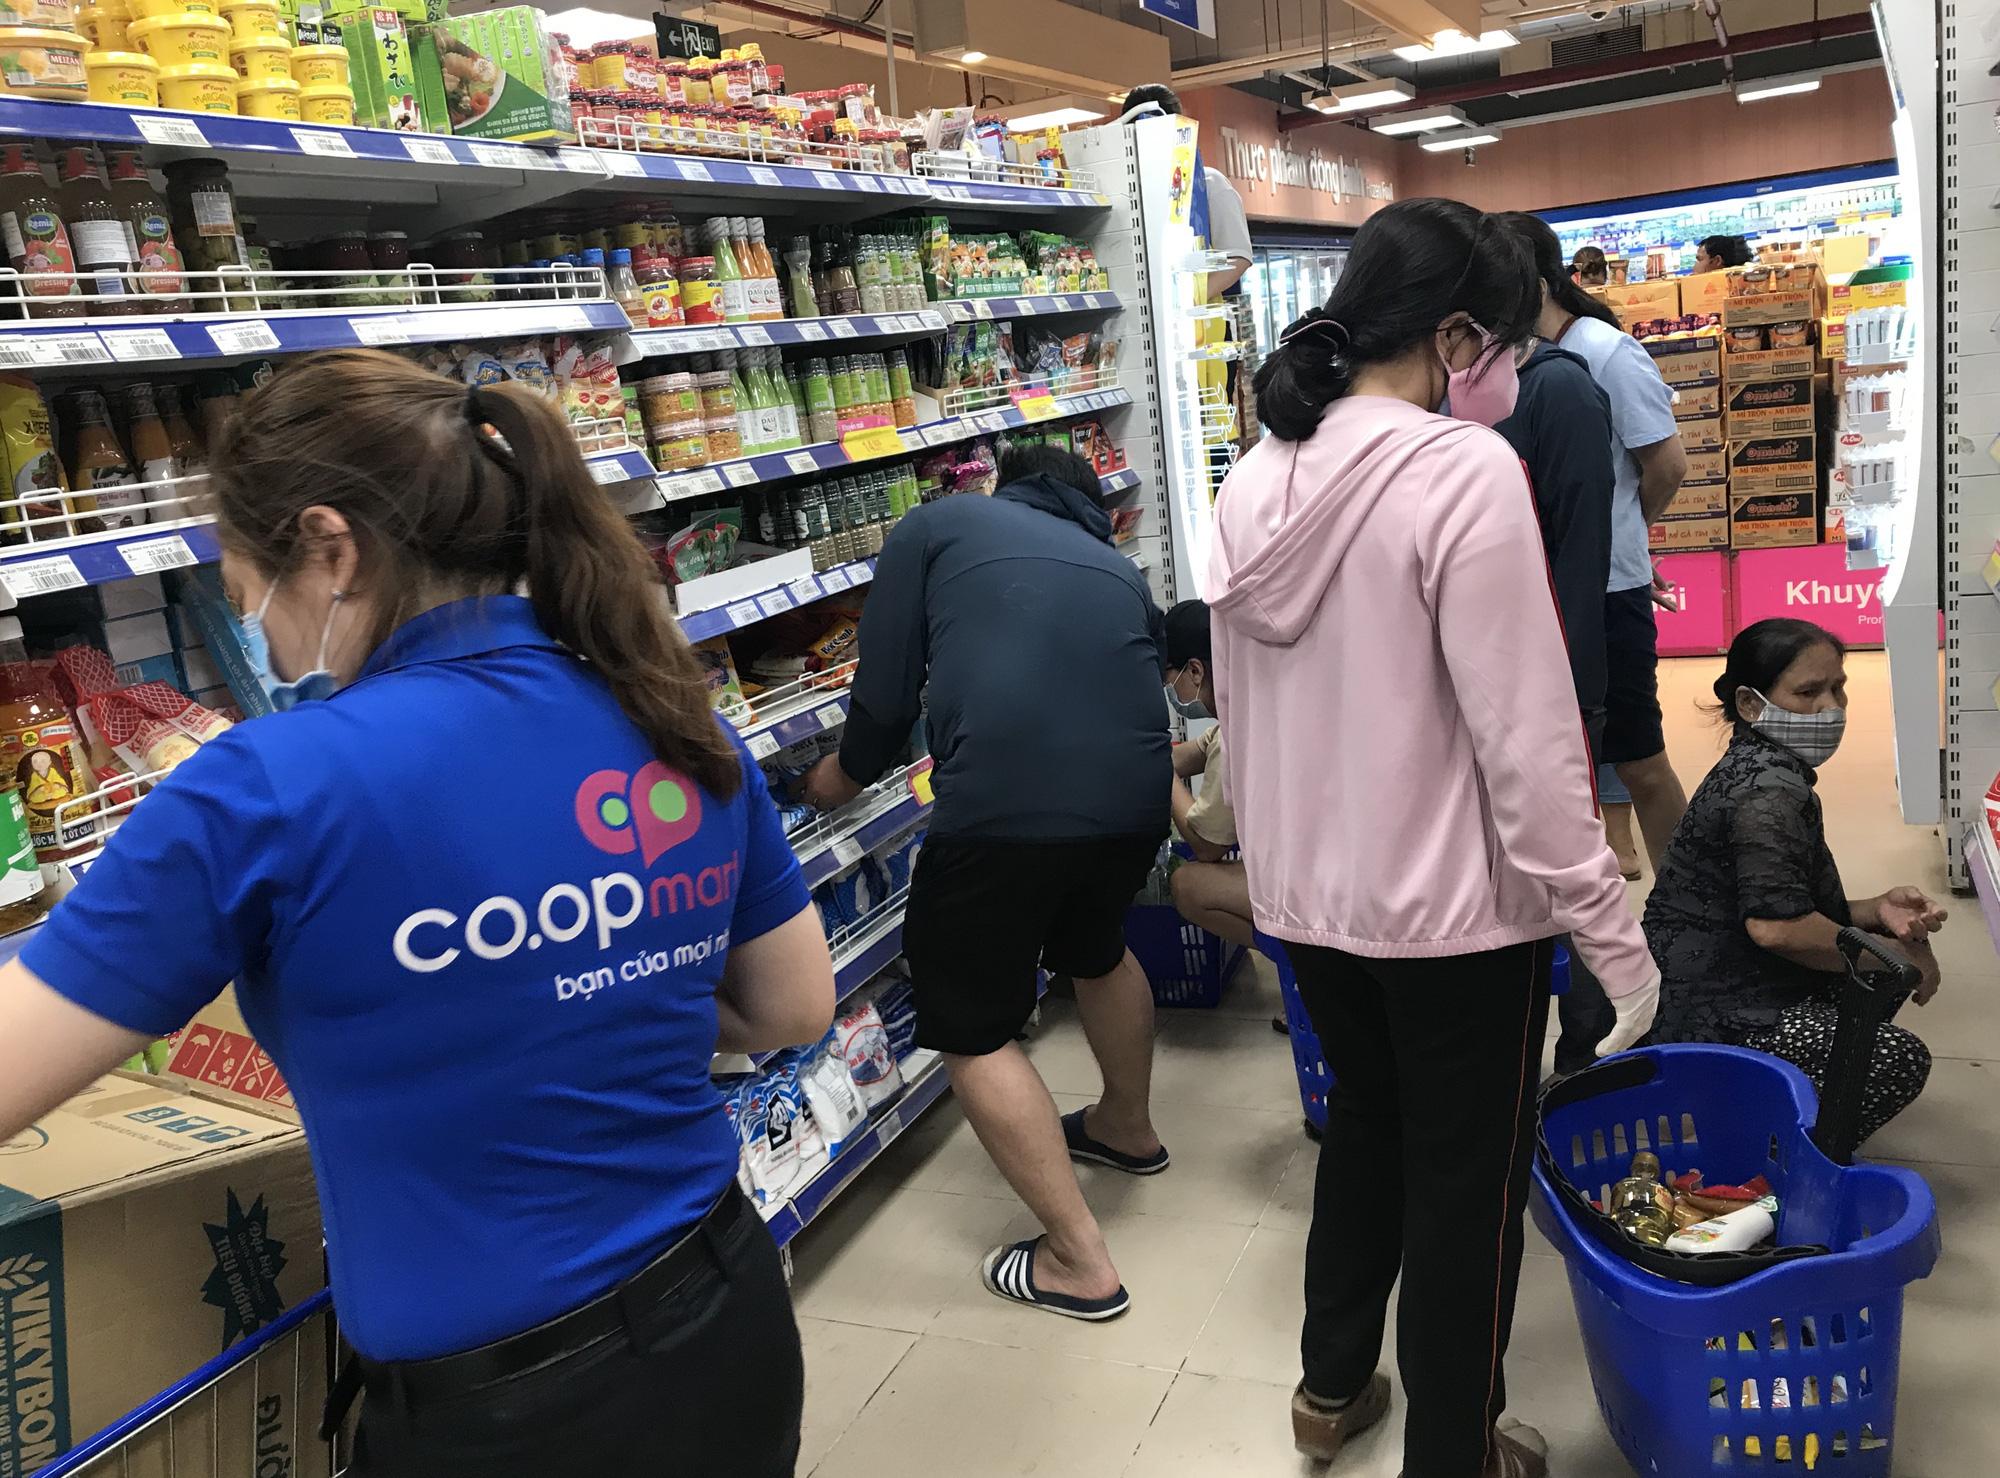 Chợ, siêu thị mở cửa bình thường, Co.opmart, Big C, VinMart cam kết hàng lúc nào cũng có, ăn 3-6 tháng không hết - Ảnh 2.